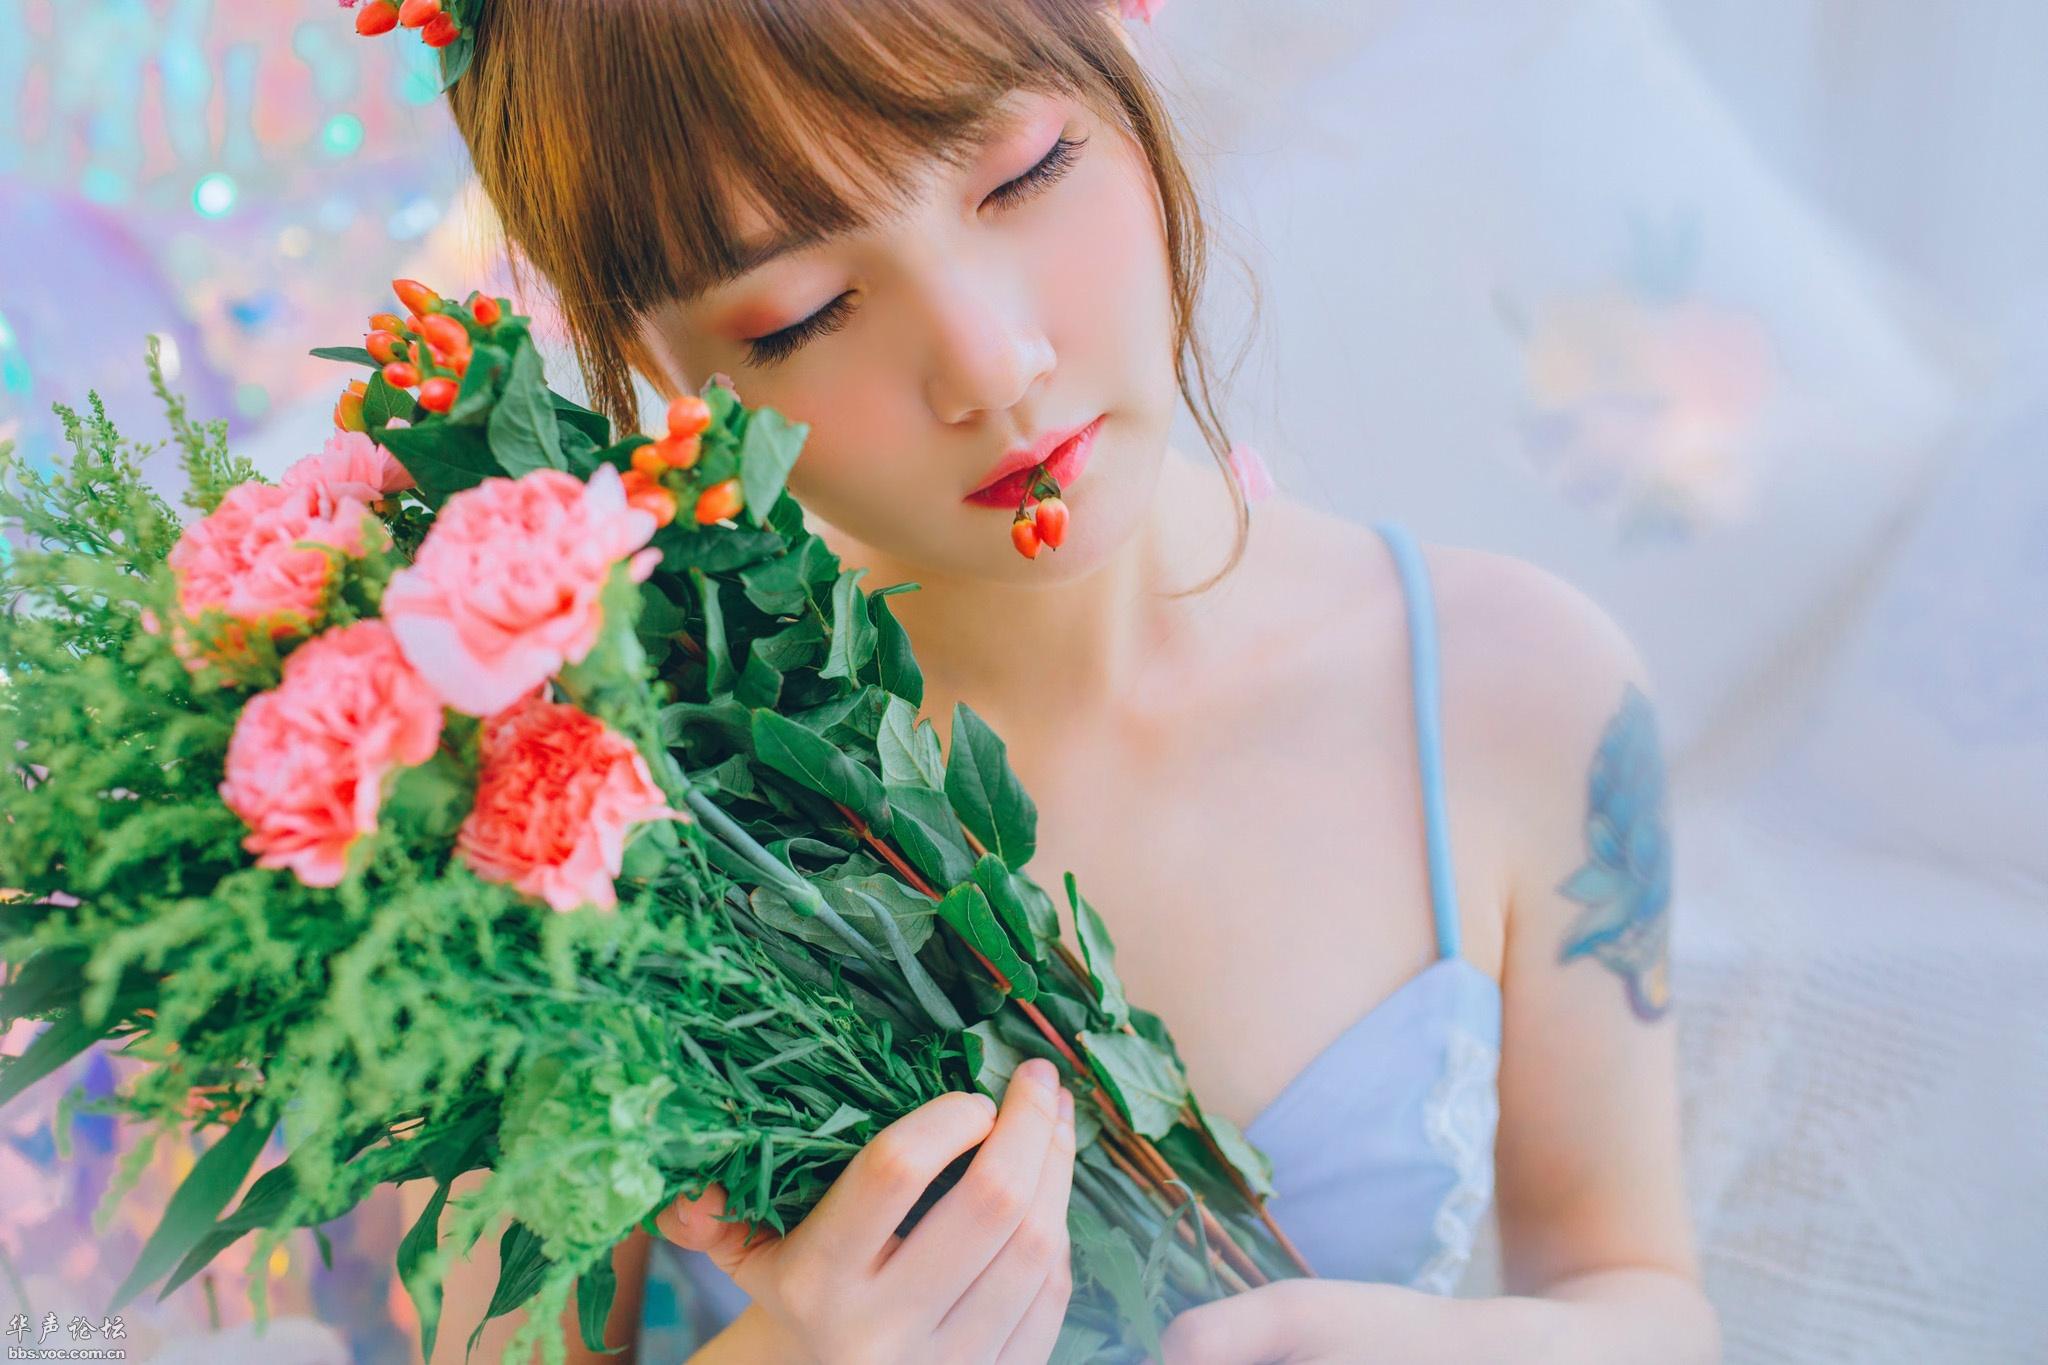 【美图欣赏】  蓝 色 的 梦 - 天际夕阳 - 天际夕阳的博客